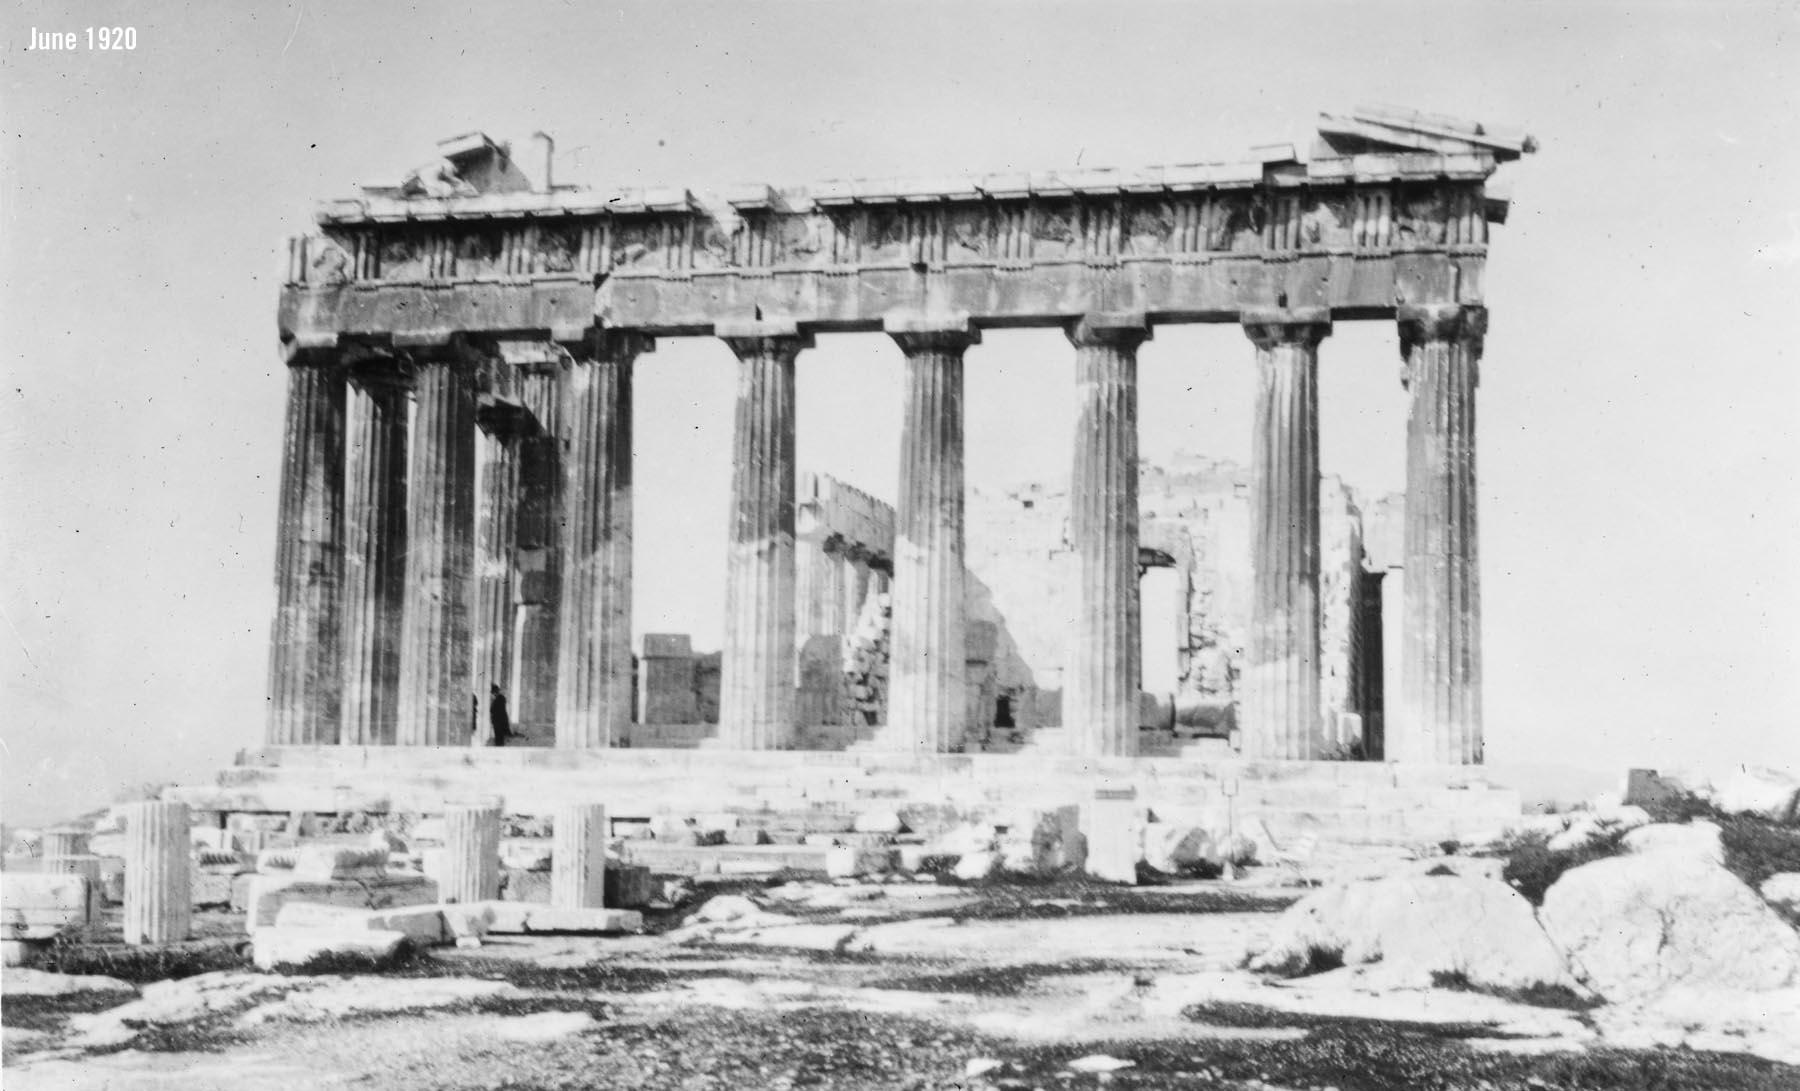 Parthenon Acropolis Athens June